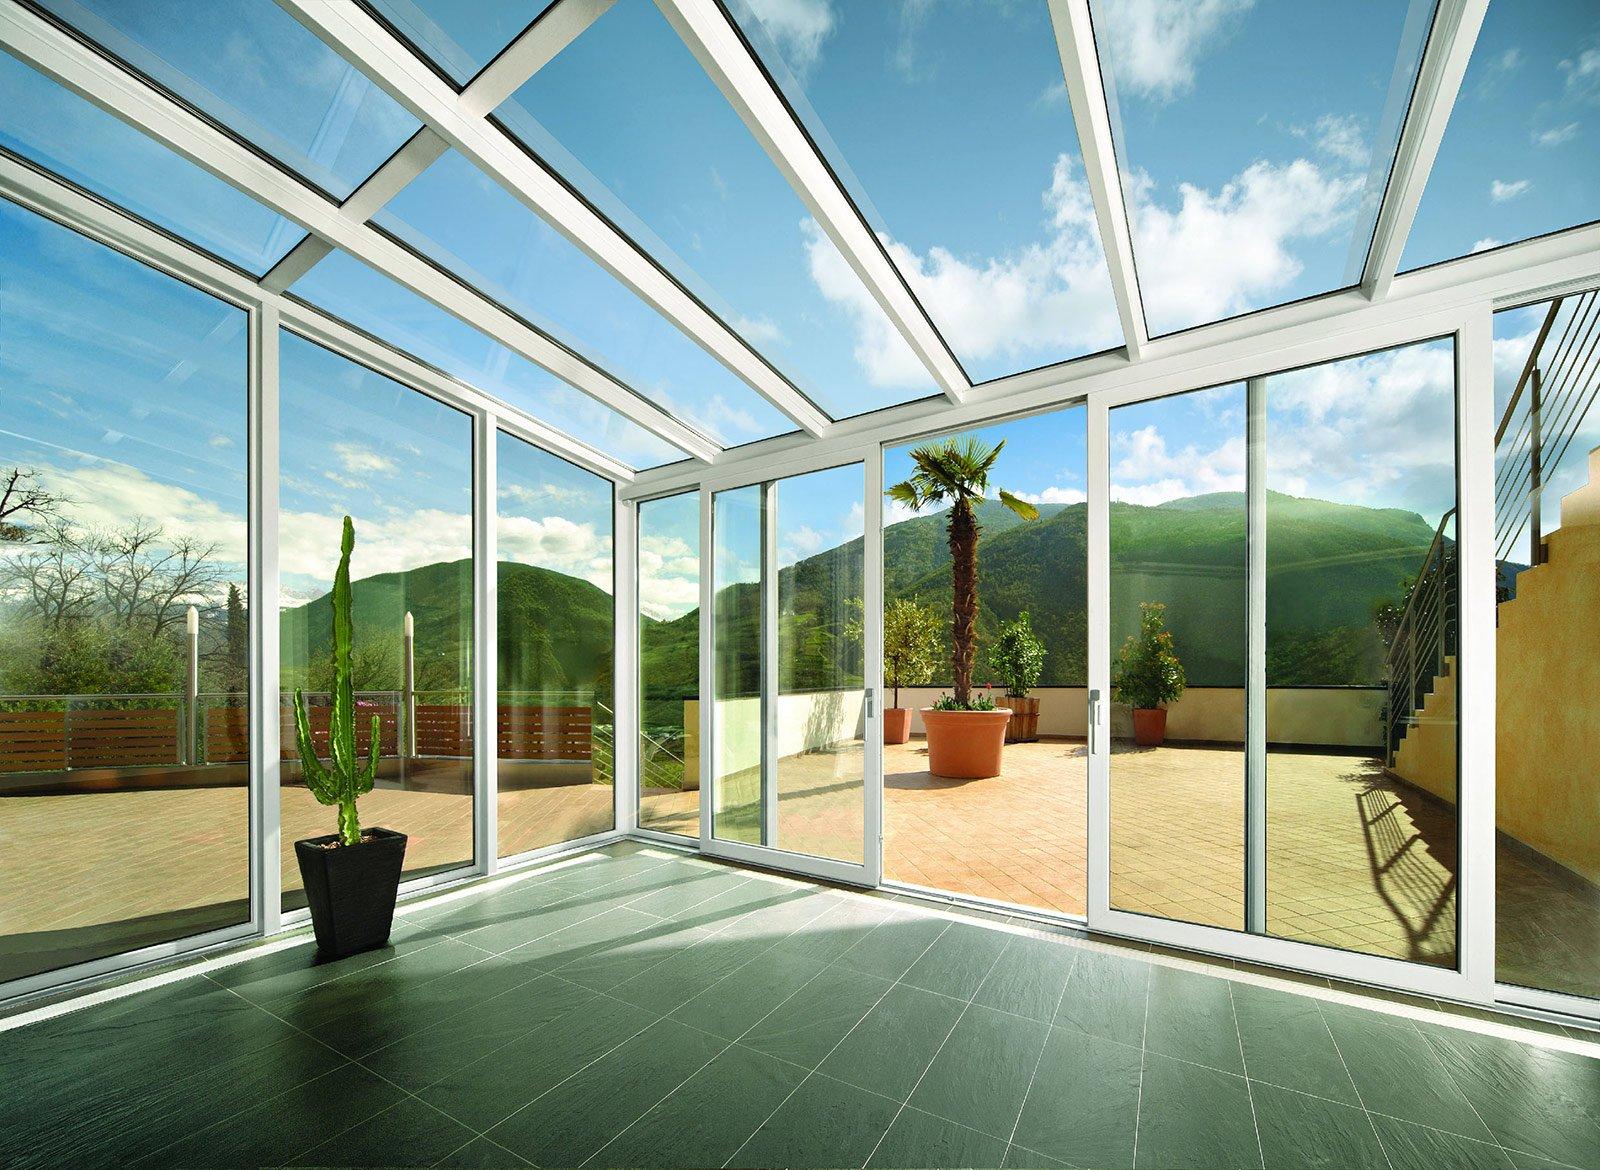 Veranda che serramento scegliere cose di casa - Finestre doppi vetri prezzi ...